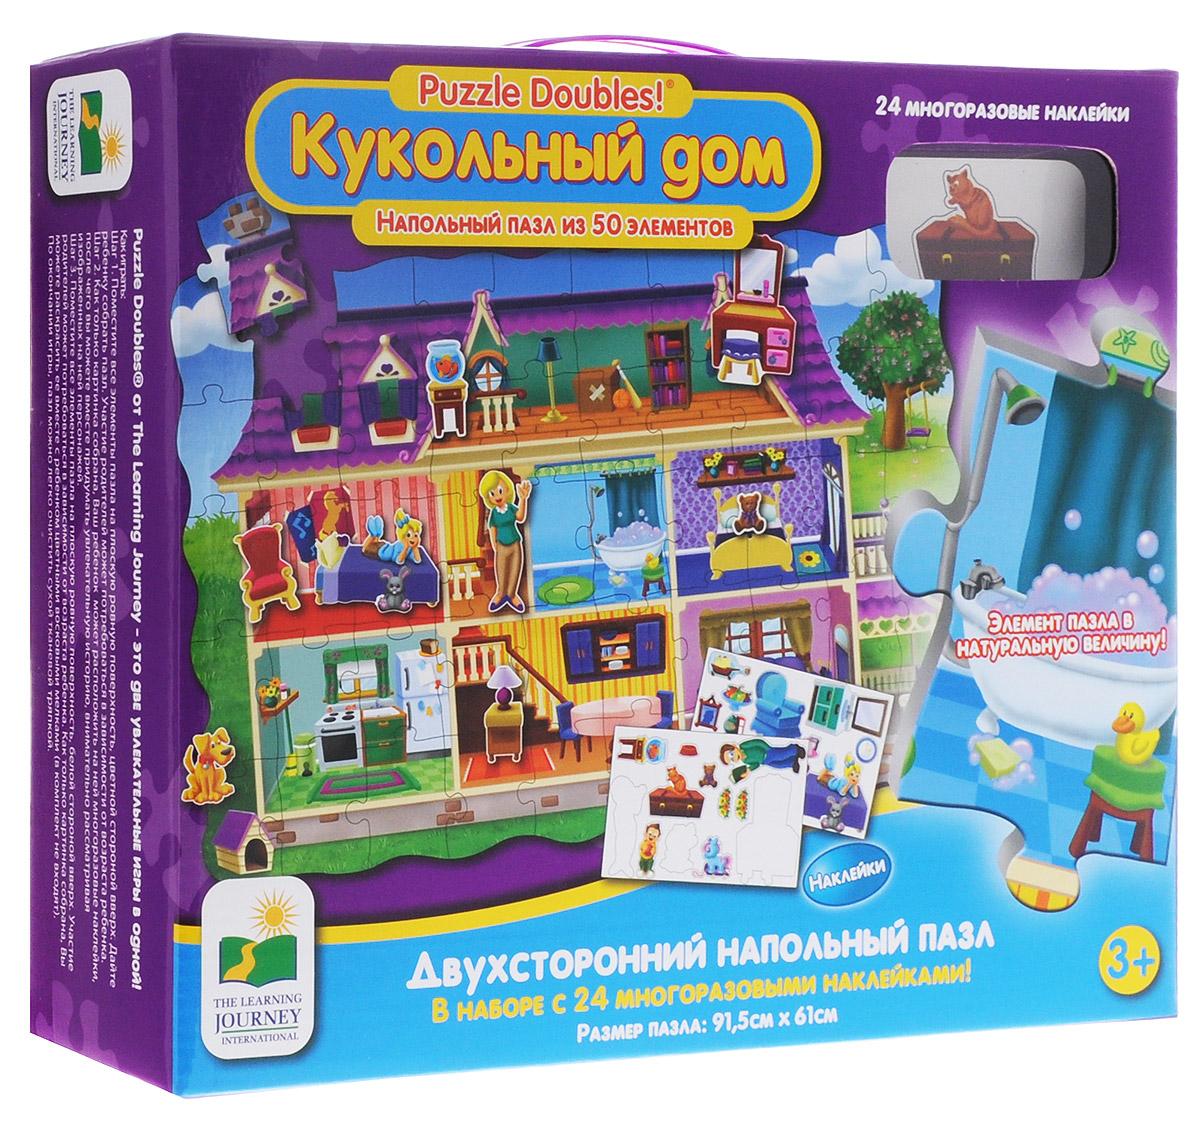 Learning Journey Пазл для малышей Кукольный дом102671Двухсторонний напольный пазл для малышей Learning Journey Кукольный дом - замечательный развивающий подарок вашему малышу! Яркий, красочный пазл позволит малышу самостоятельно составить картинку. Собрав этот пазл, включающий в себя 30 элементов, вы получите картинку с изображением красивого дома для кукол. В набор также входят 24 многоразовые наклейки. Пазл научит ребенка усидчивости, умению доводить начатое дело до конца, поможет развить внимание, память, образное и логическое мышления, сенсорно-моторную координацию движения рук. Крупная и яркая форма собираемых элементов картинки способствуют развитию мелкой моторики, которая напрямую влияет на развитие речи и интеллектуальных способностей. В дальнейшем хорошая координация движений рук поможет ребенку легко овладеть письмом.